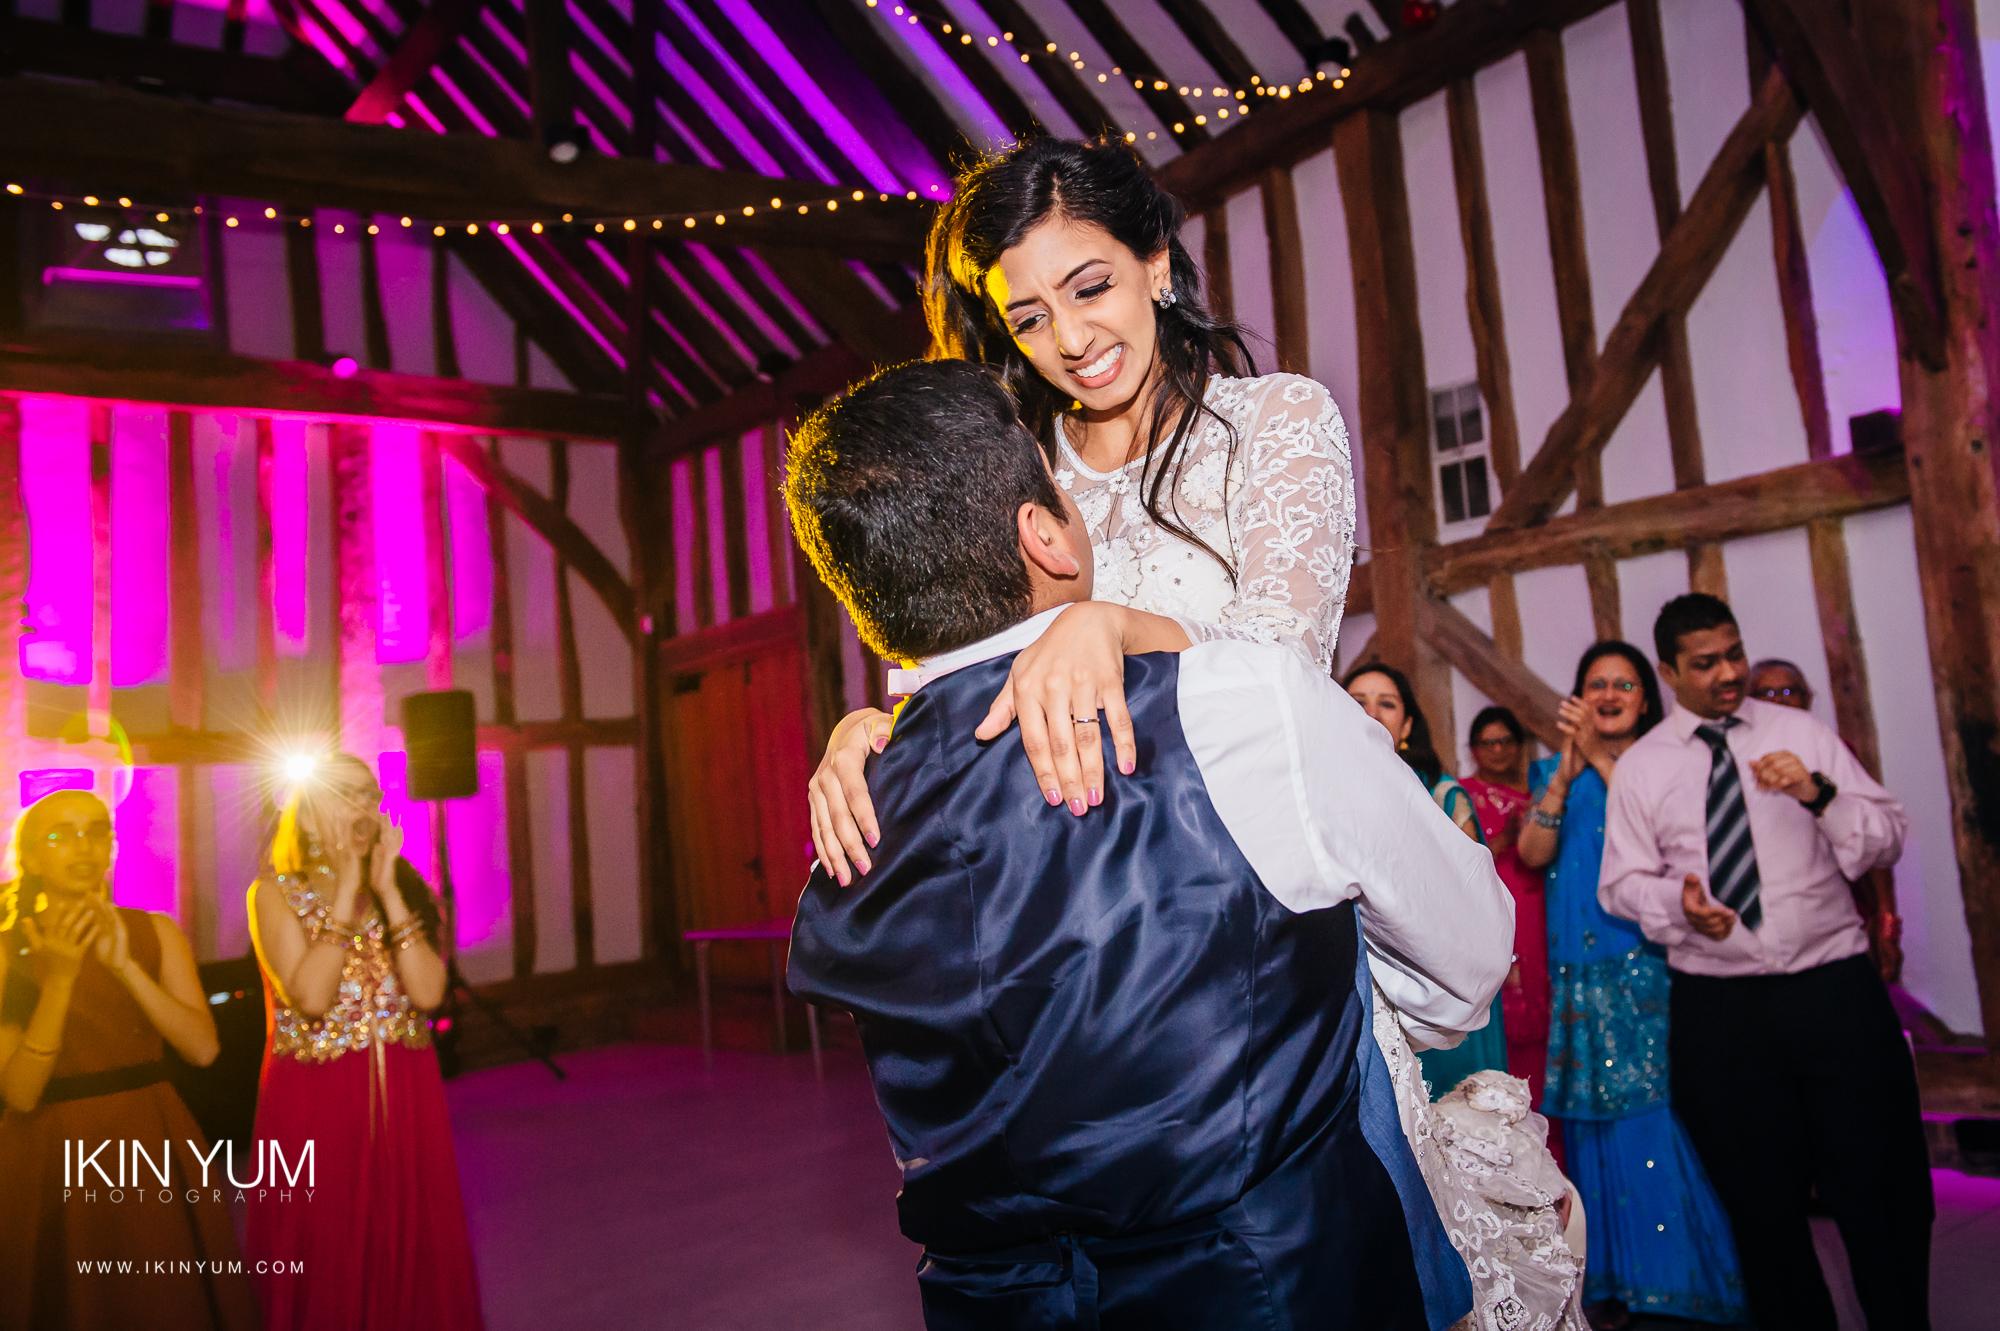 The Great Barn Wedding- Ikin Yum Photography-0118.jpg